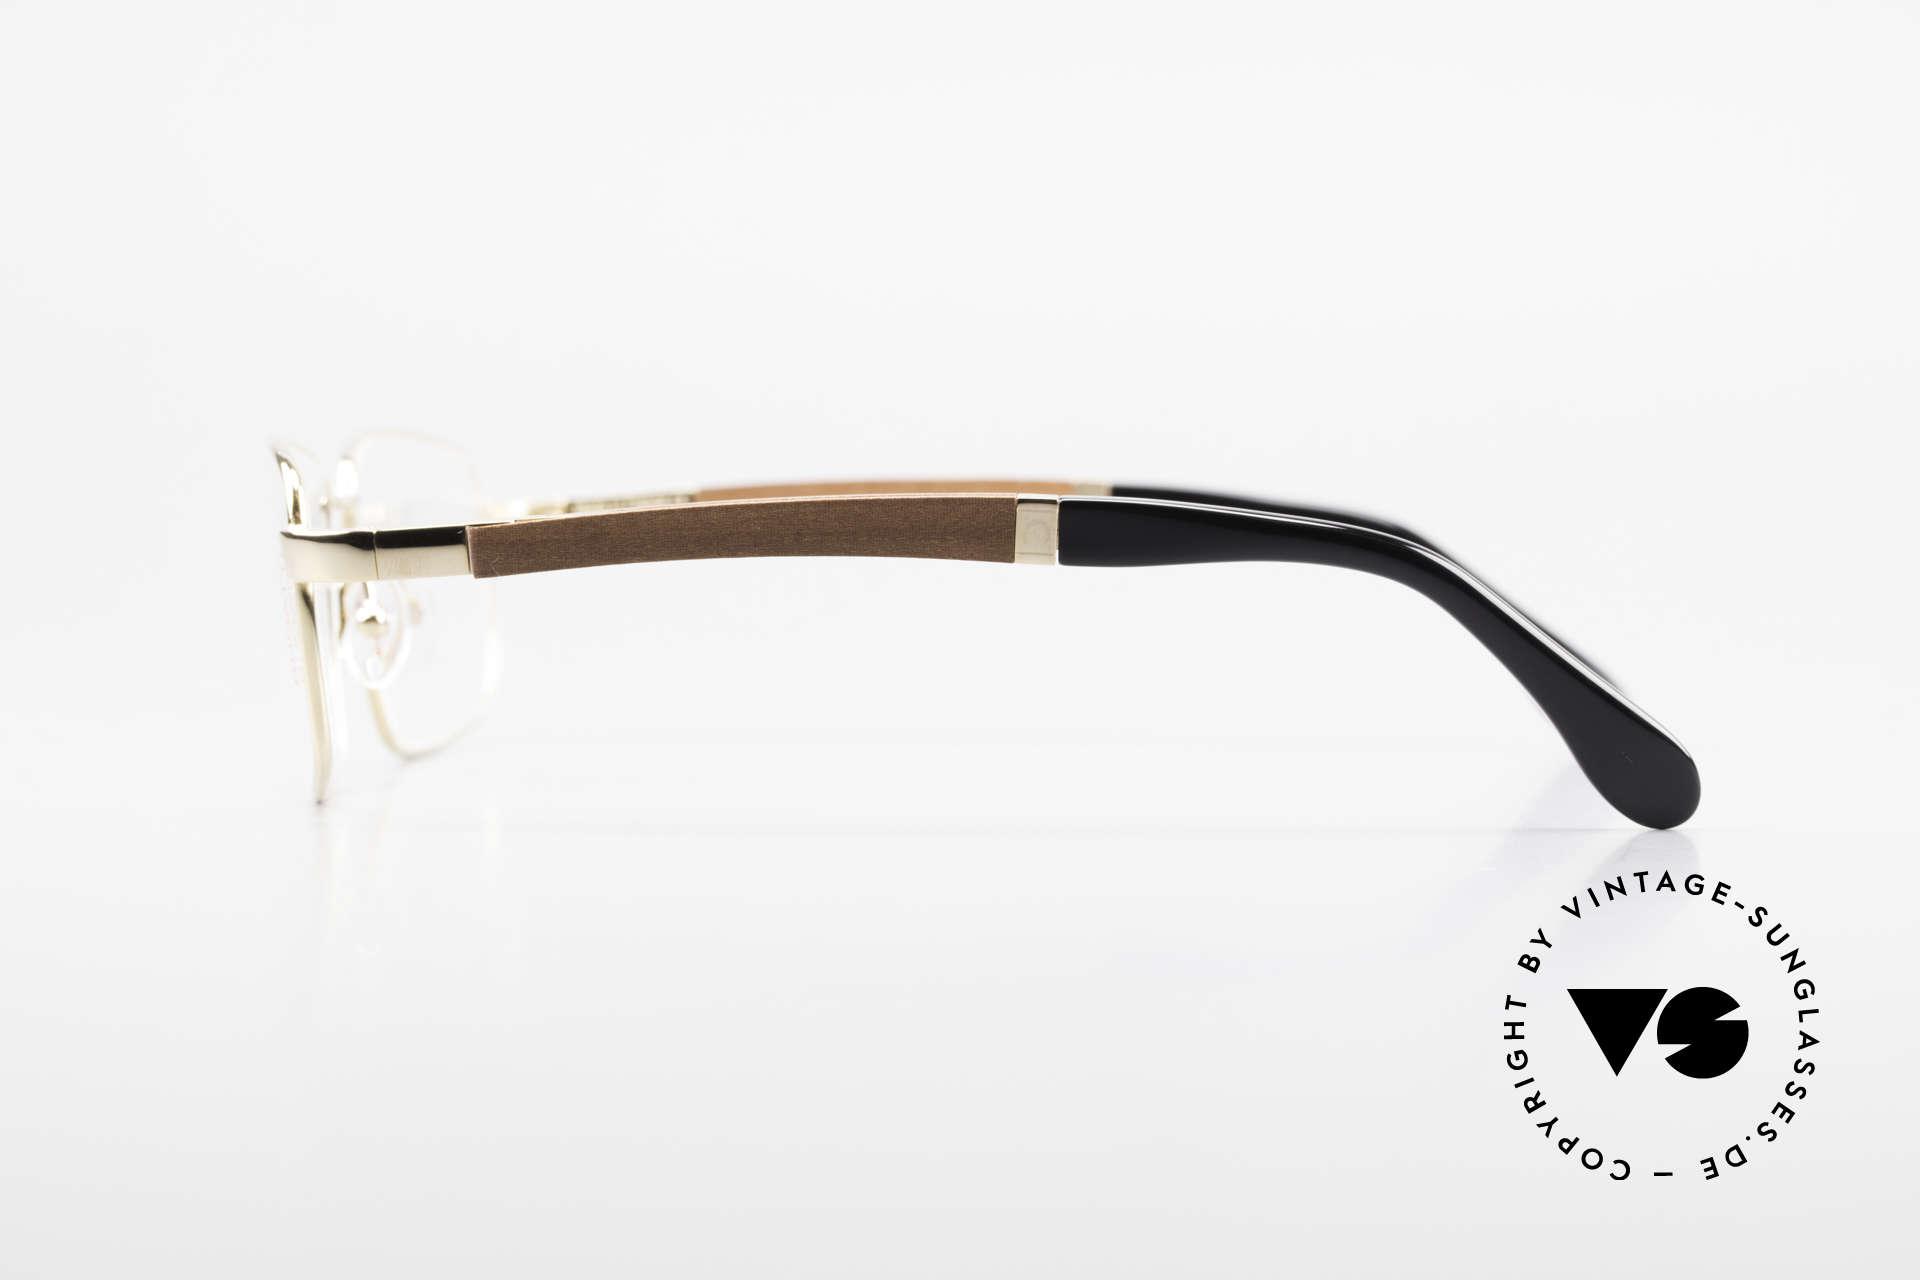 Bugatti 548 Padouk Edelholz Brille Gold L, flexible Federscharniere für eine optimale Passform, Passend für Herren